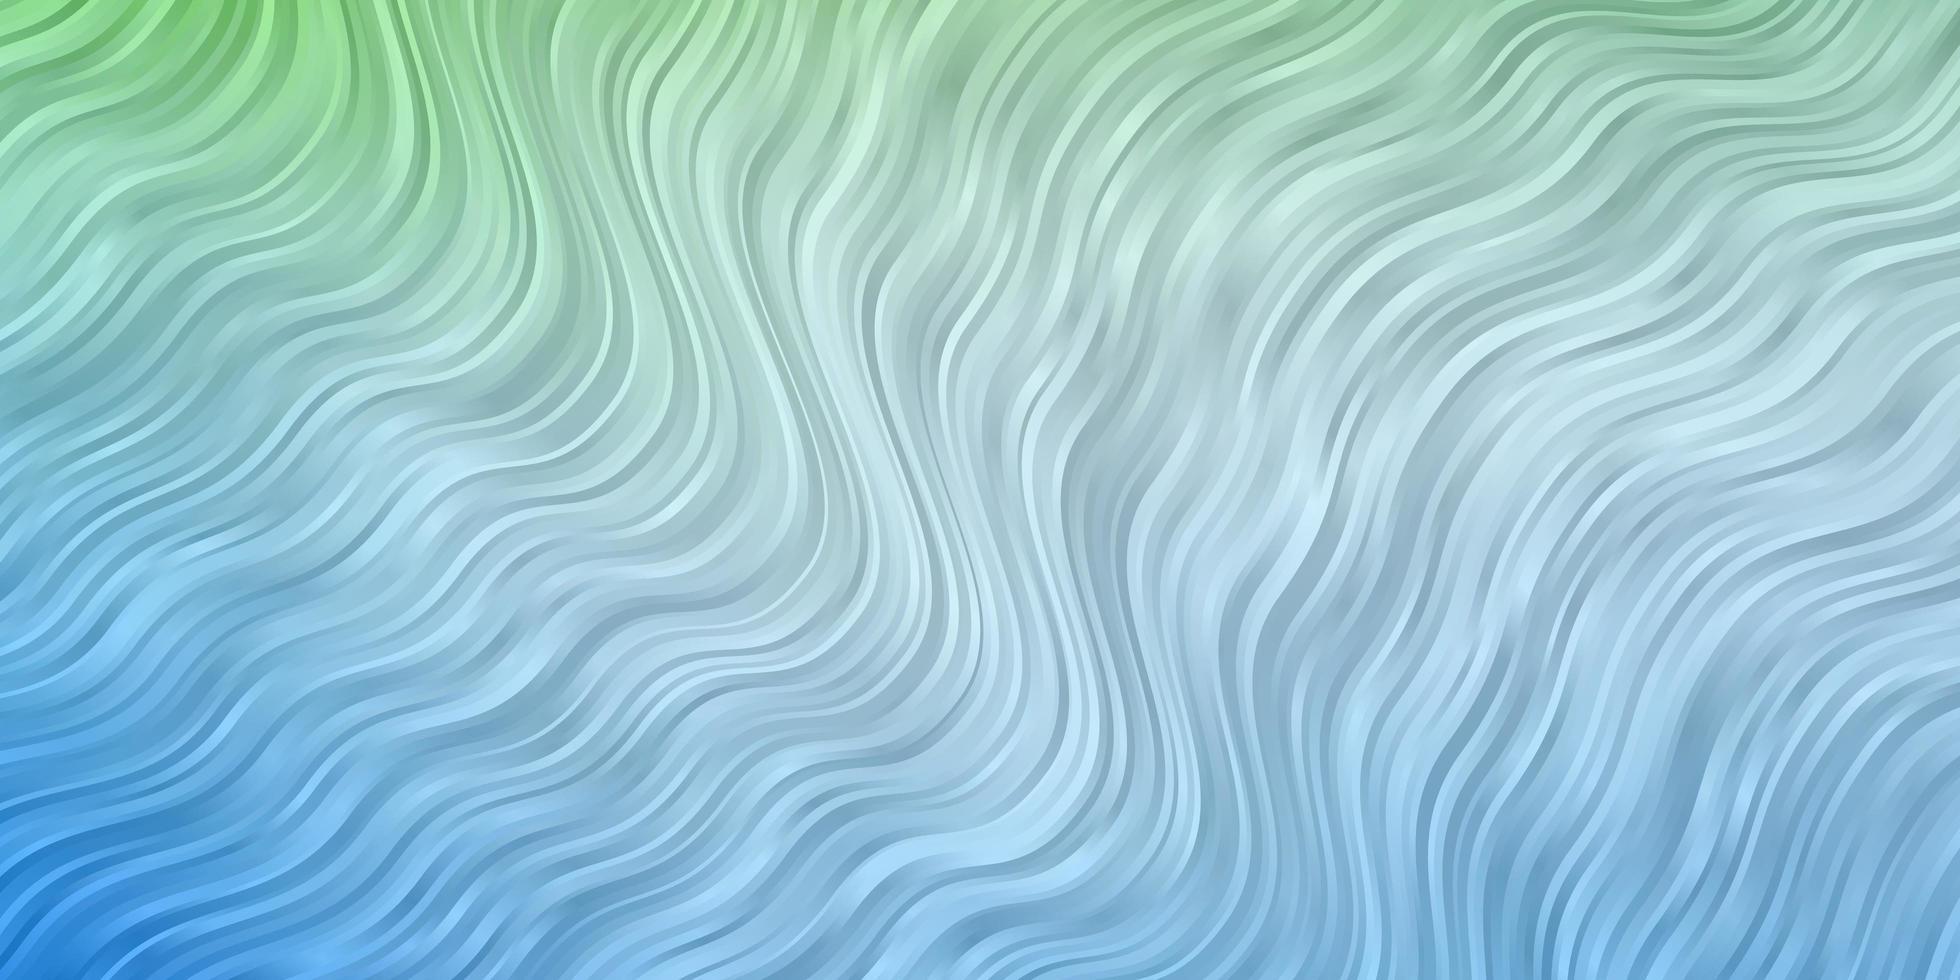 modello vettoriale blu chiaro, verde con curve.